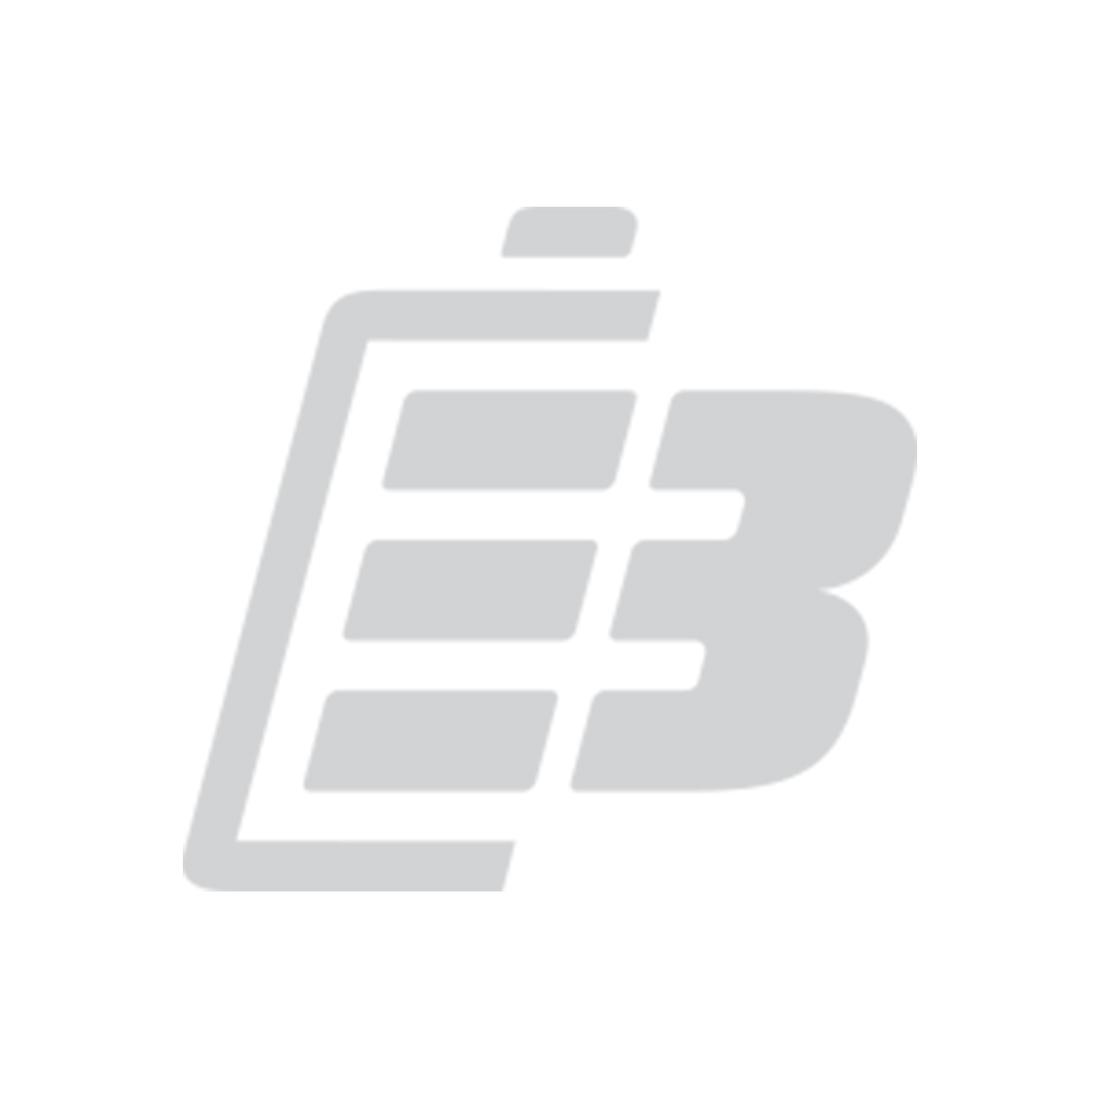 Μπαταρια Μολυβδου CSB HRL12330W 12v 95ah 1